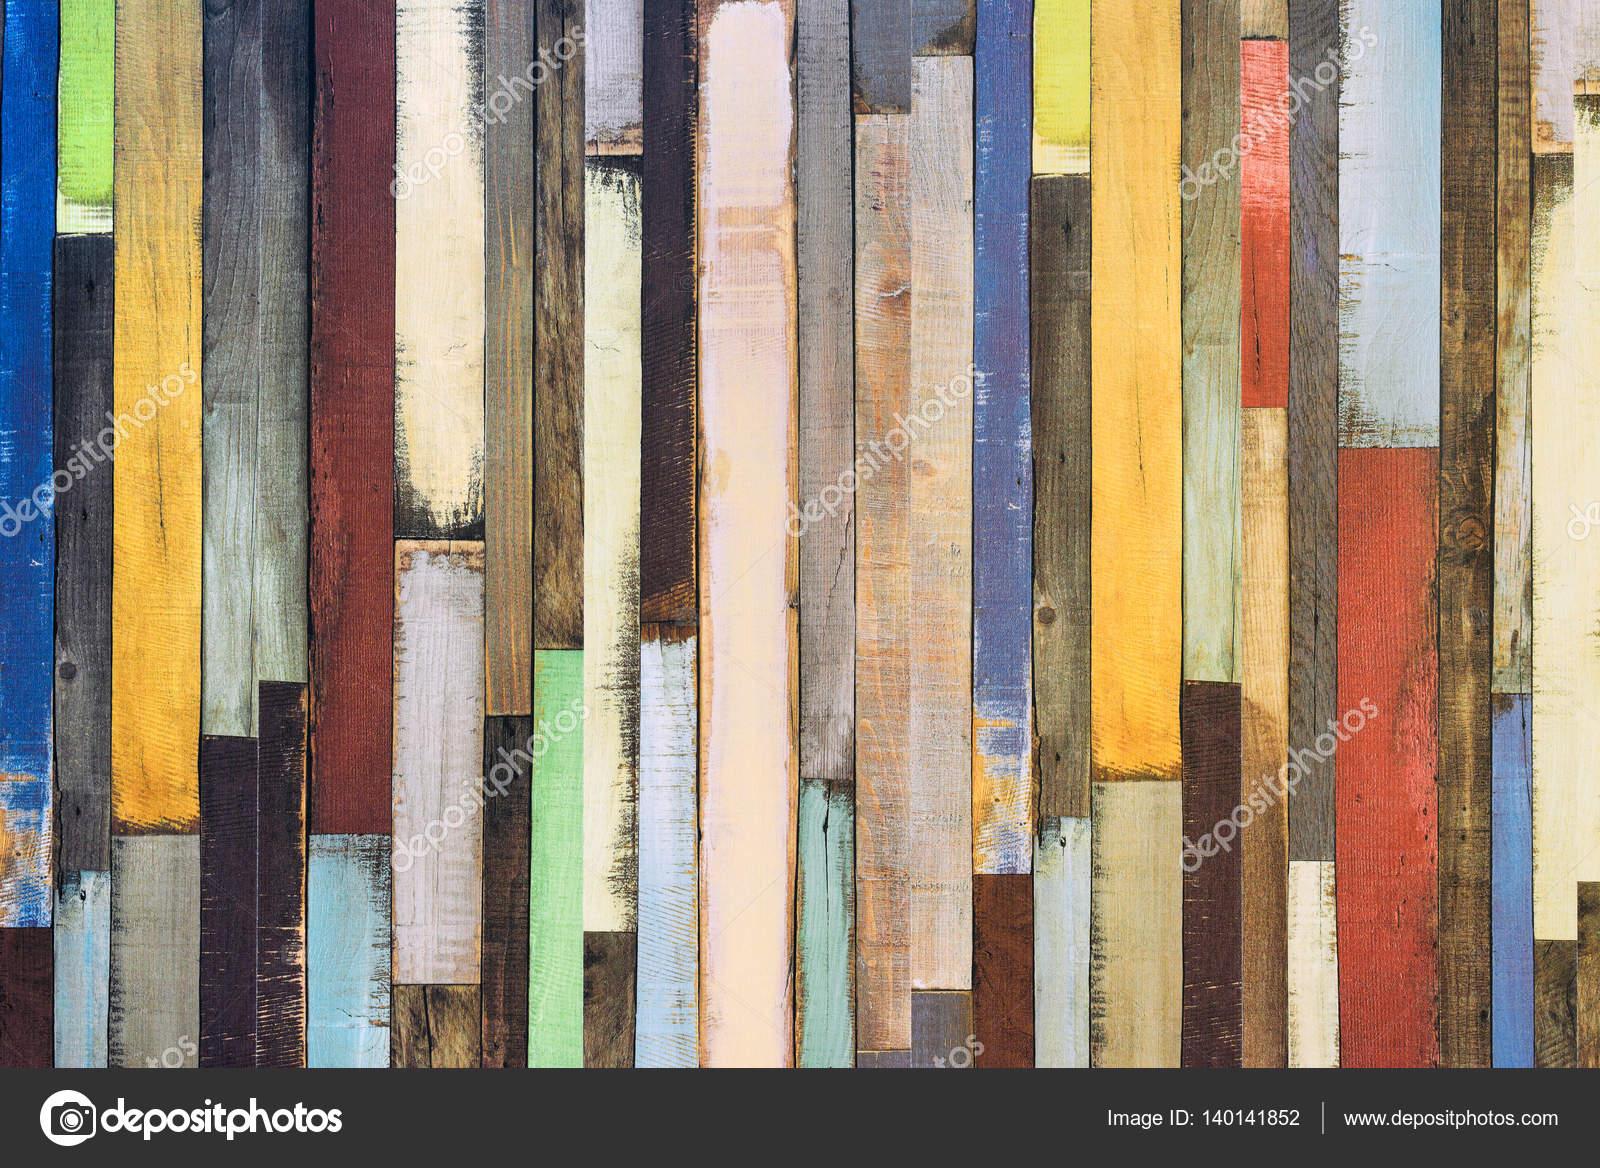 Laminat Bunt bunte laminatboden-oberfläche — stockfoto © stevanovicigor #140141852